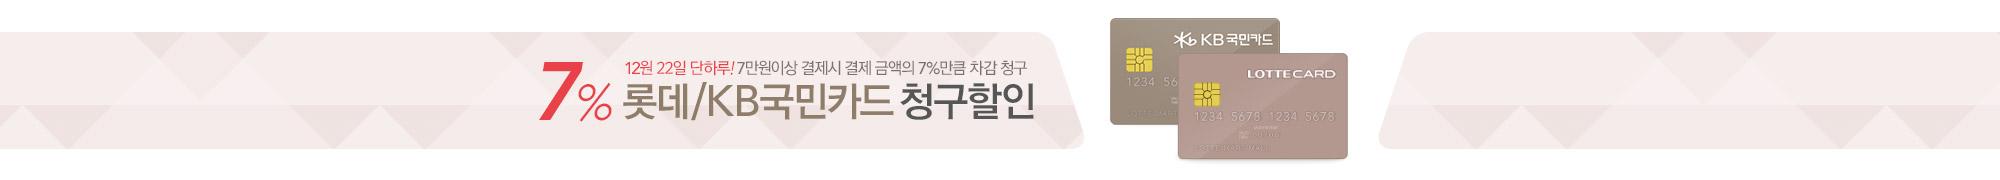 롯데/KB국민카드 7%청구할인